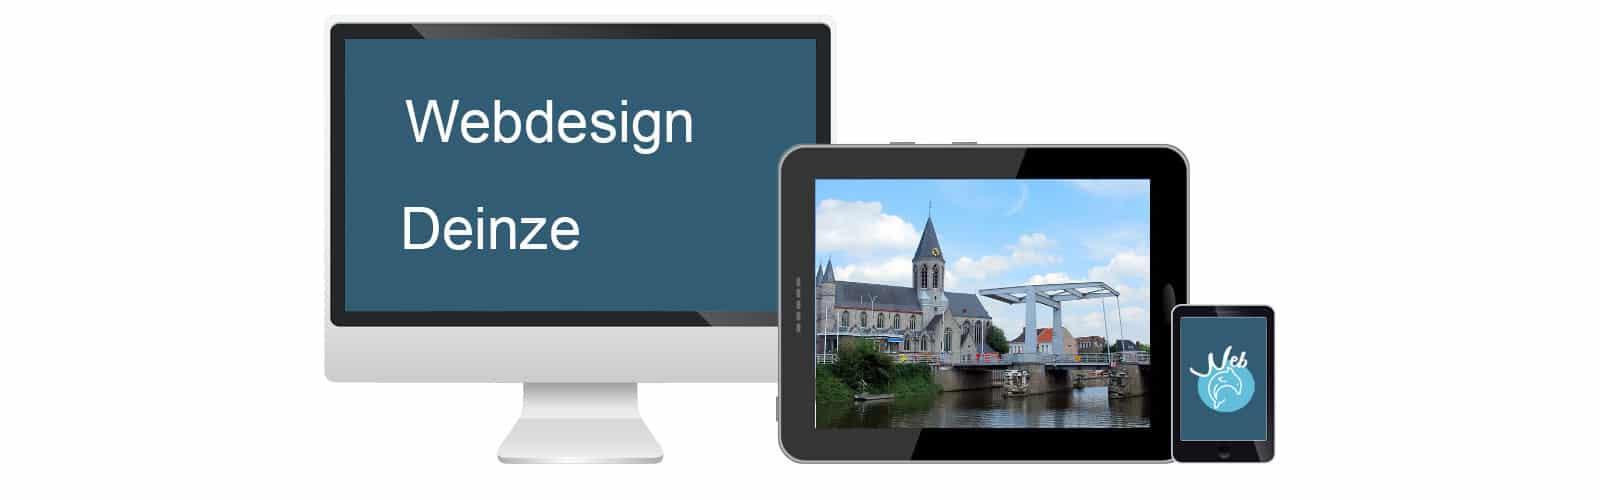 Webdesign Deinze - webdolfijn